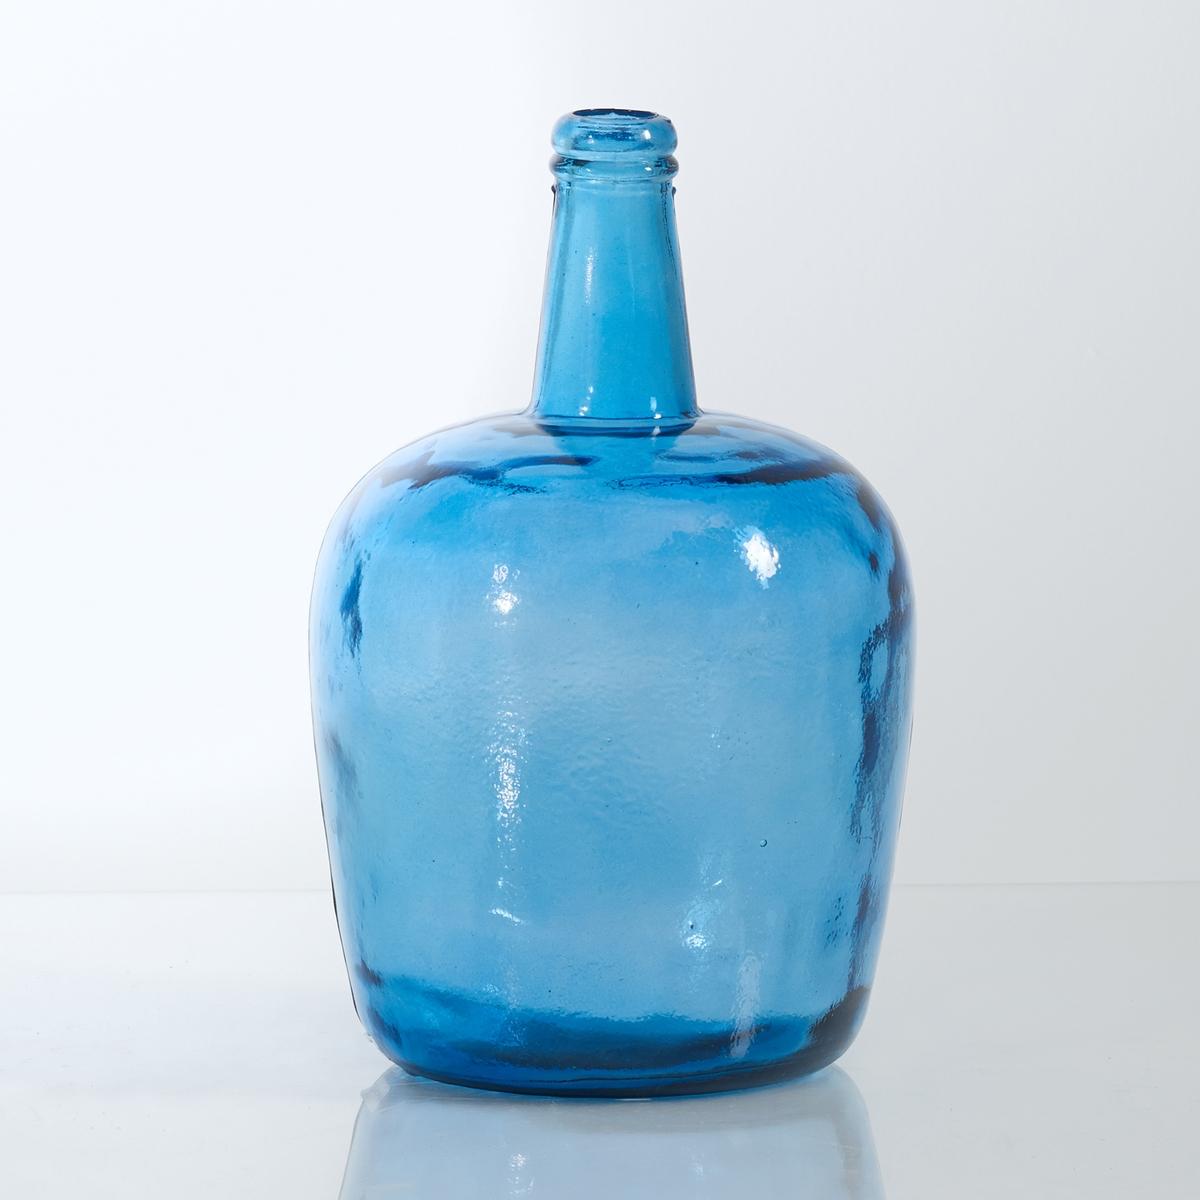 Ваза-бутыль стеклянная, IzoliaВаза-бутыль стеклянная, Izolia. В духе старинной оплетенной бутыли, эти вазы привнесут в ваш интерьер очень модный винтажный стиль!Характеристики вазы-бутыли Izolia :Стекло с возможностью повторного использования Бутыль из выдуваемого стекла Izolia Всю коллекцию Izolia ищите на сайте laredoute.ruРазмеры вазы-бутыли Izolia :ОбщиеДиаметр : 23,5 см.Высота : 36,5 см.<br><br>Цвет: бирюзовый<br>Размер: единый размер